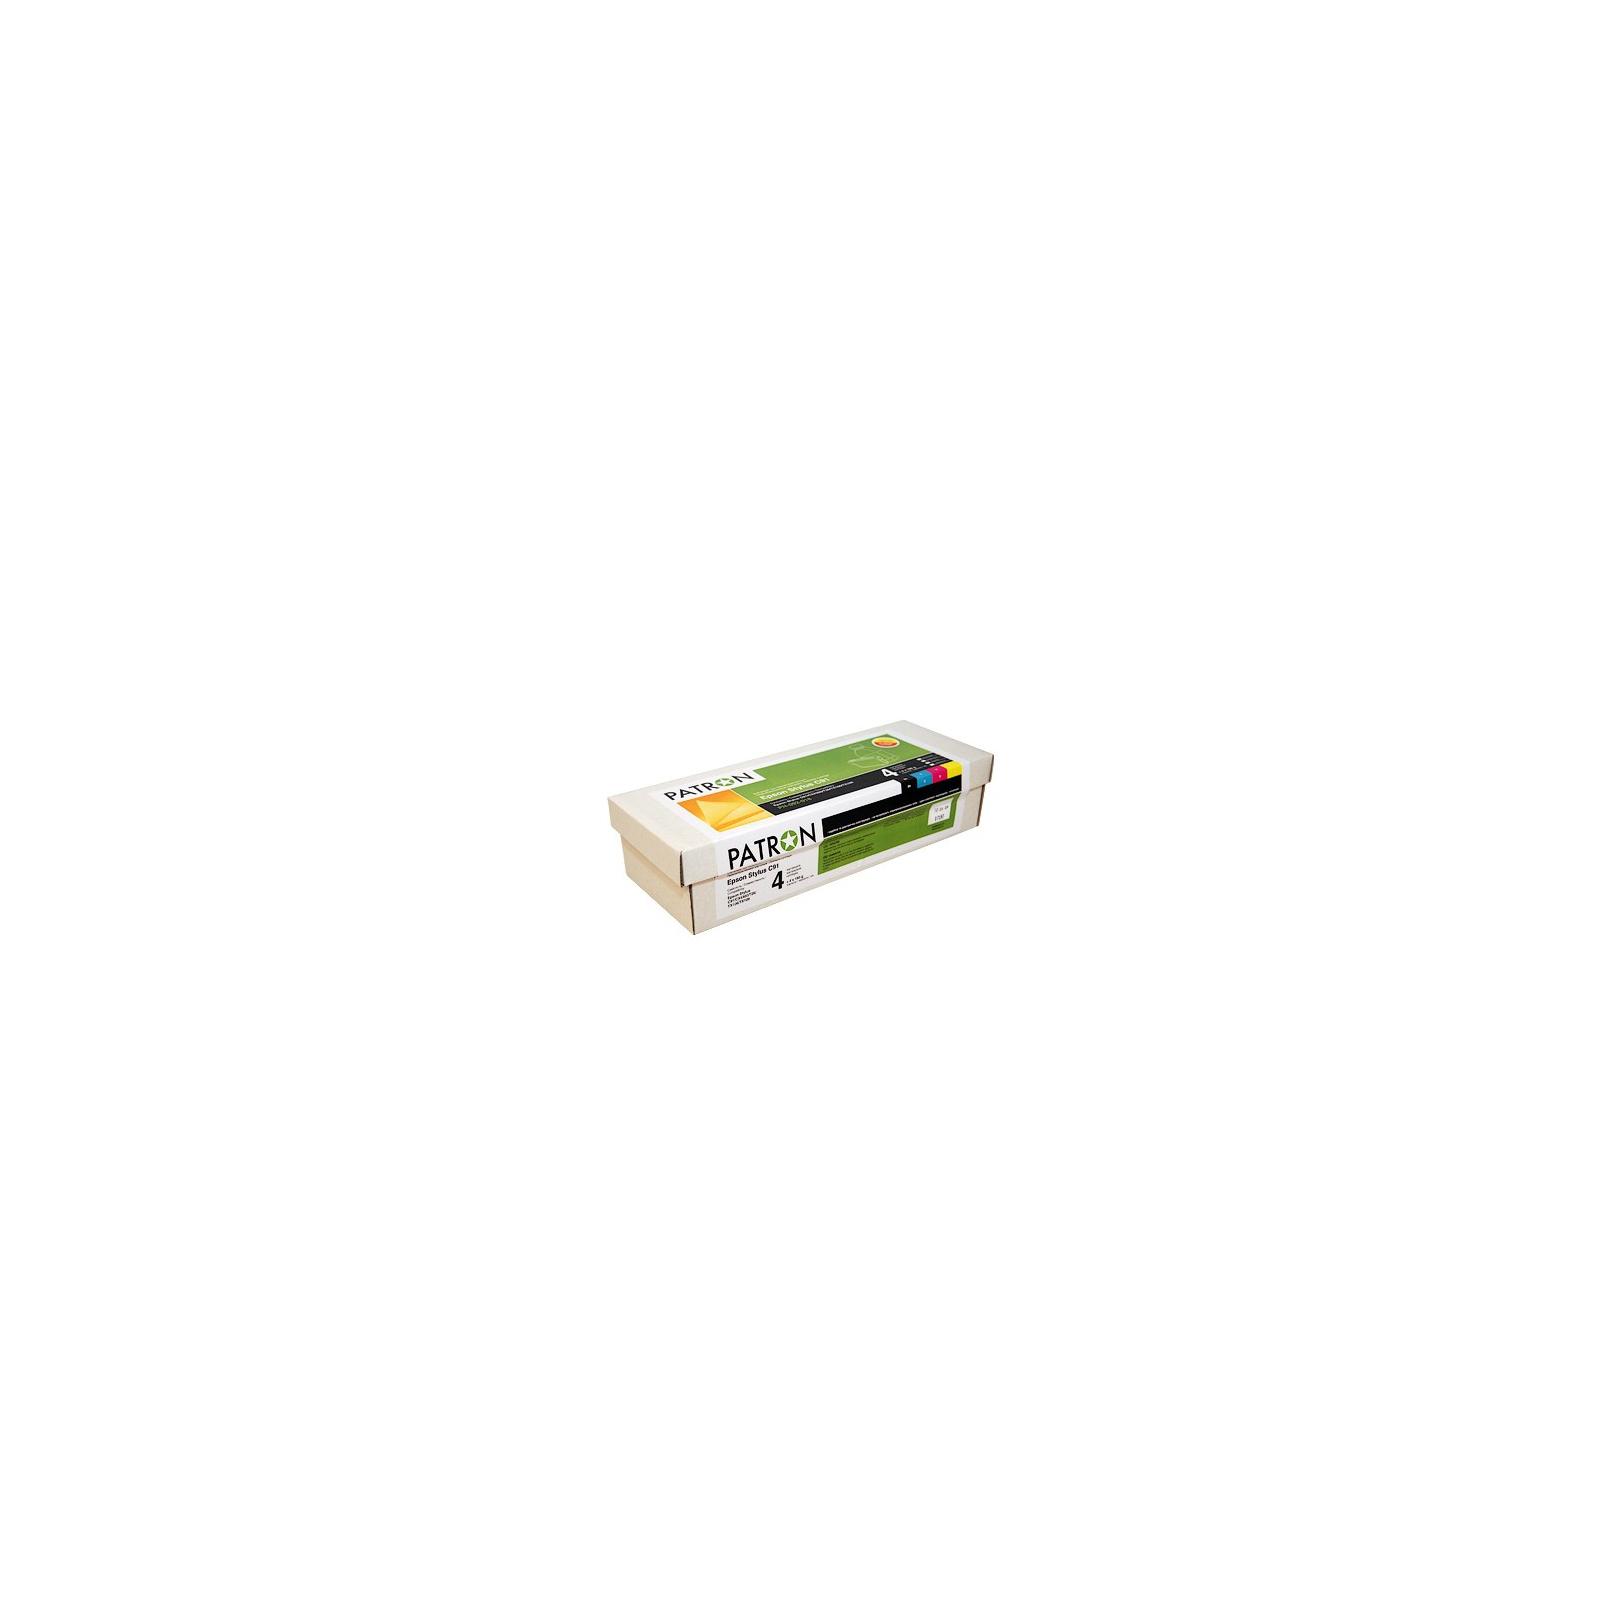 Комплект перезаправляемых картриджей PATRON Epson C91/CX4300/T26/27/TX106/117 (CIR-PN-ET092-018)